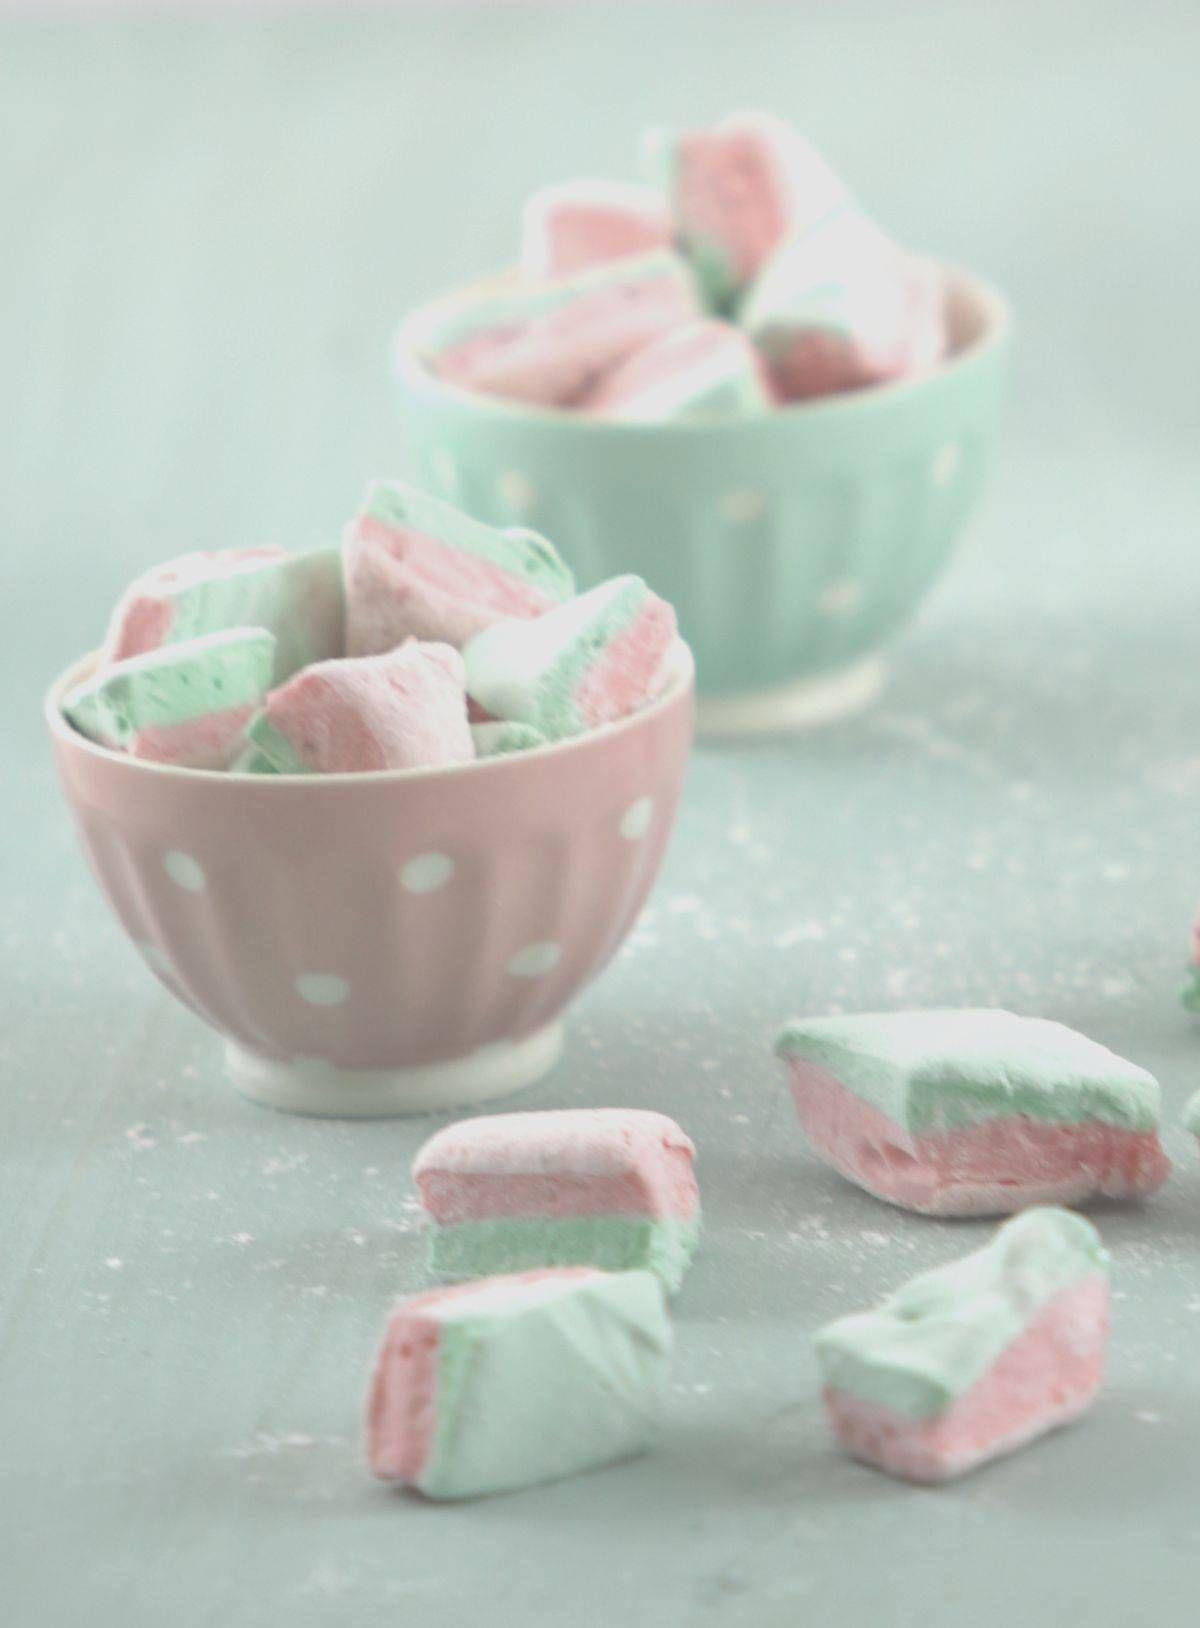 Marshmallow selber machen -einfacher als gedacht